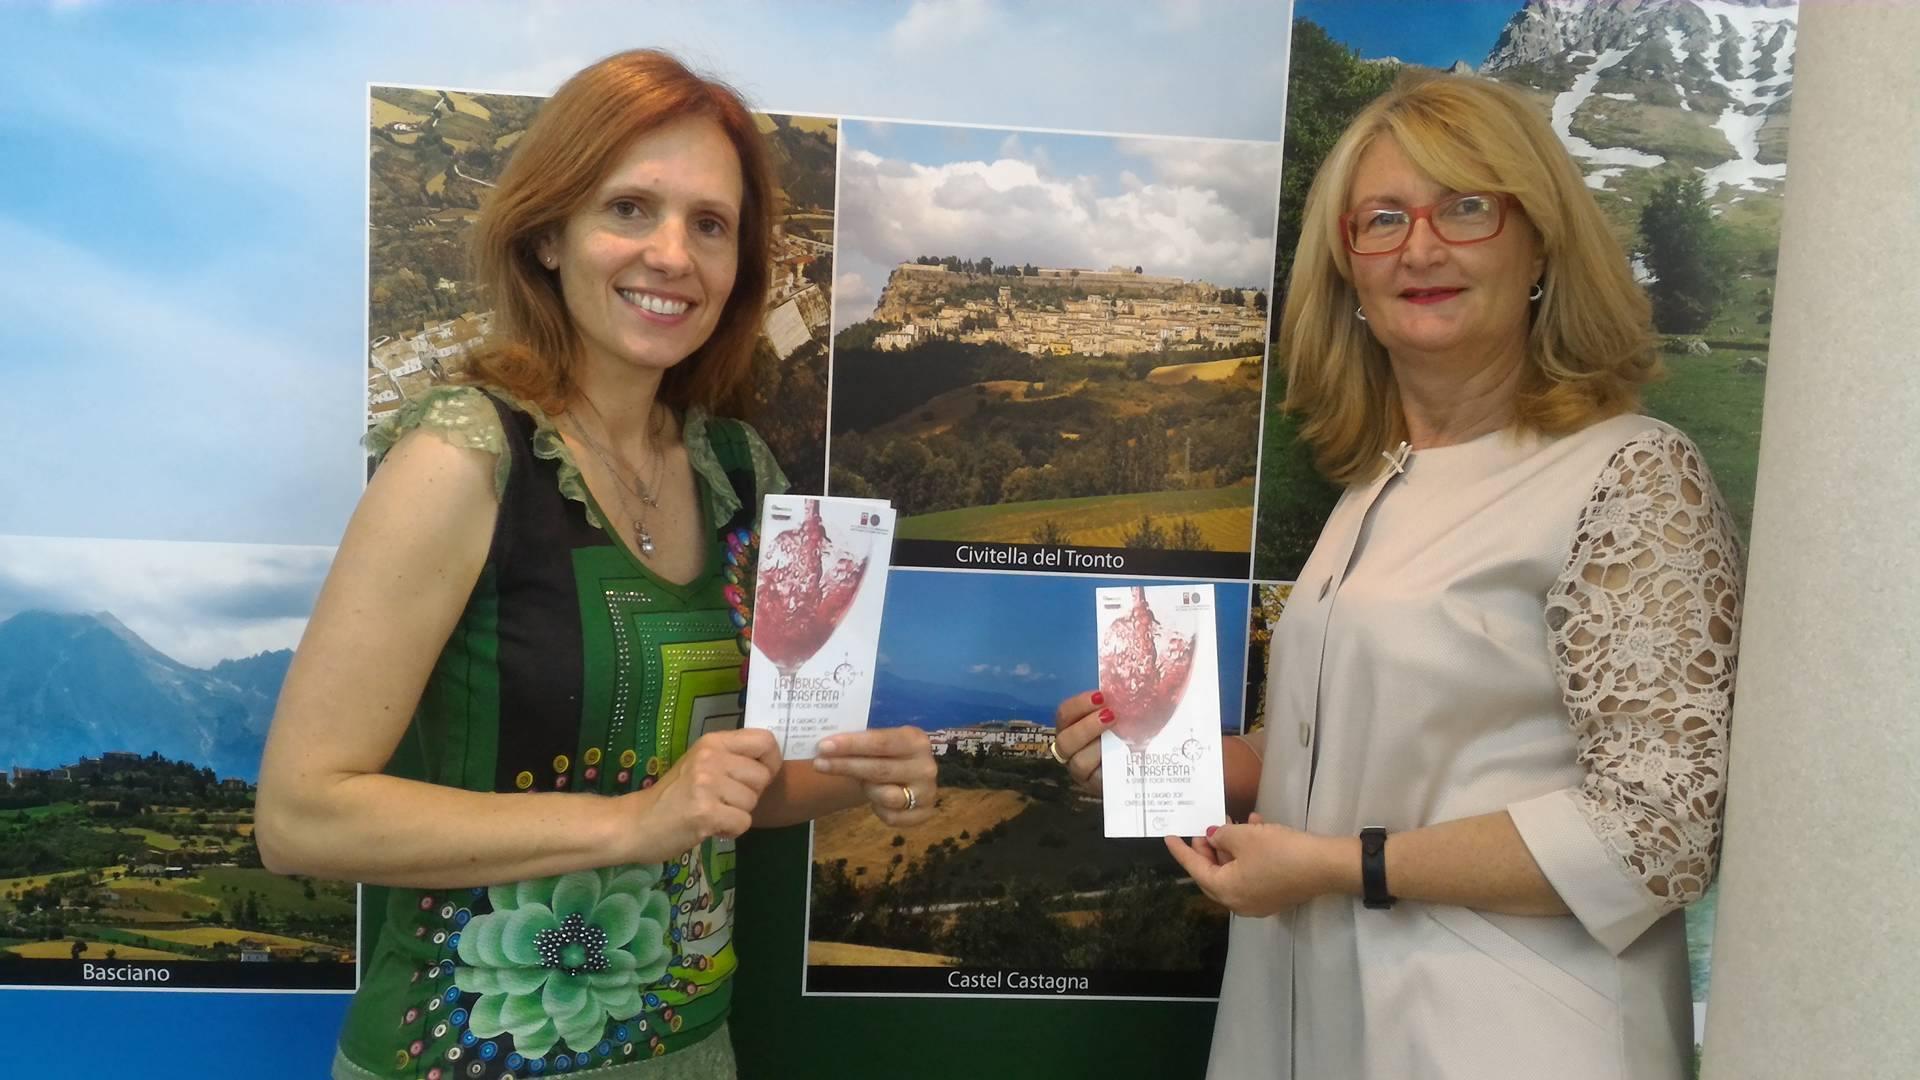 Il lambrusco va in trasferta a Civitella: evento per la promozione e la ricostruzione